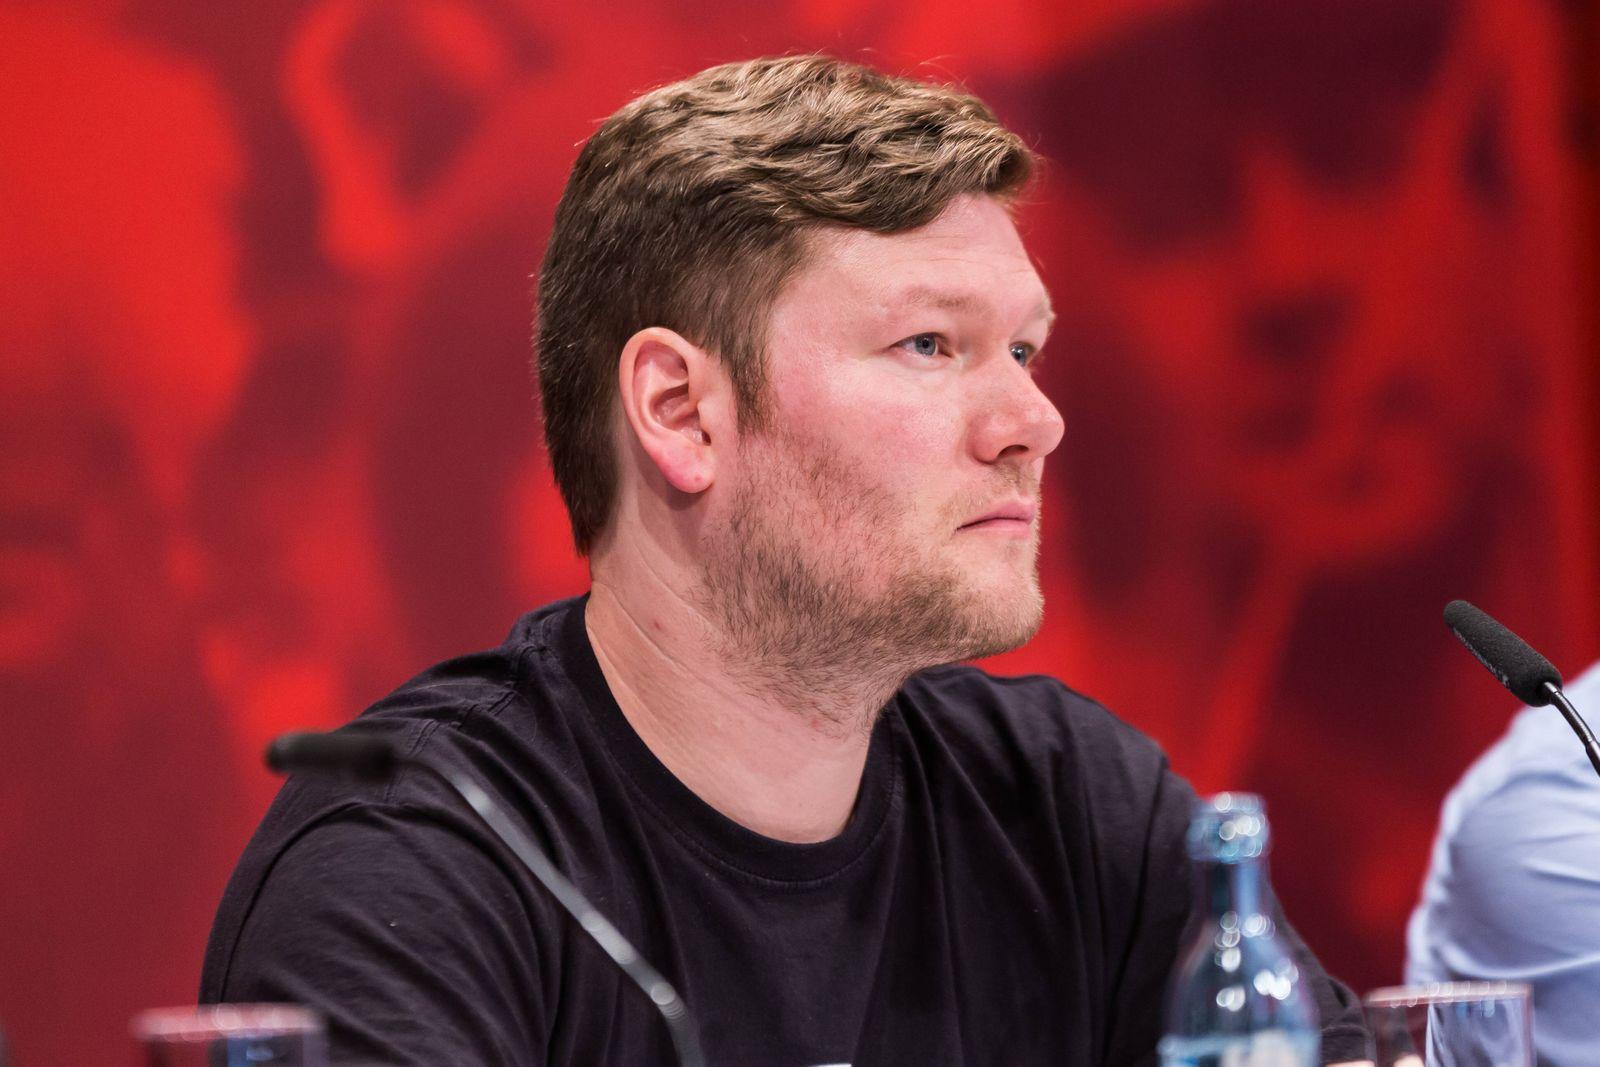 Tim Fürup Bundesgeschäftsführer und Mitglied im Bundessprecher*innenrat der Antikapitalistischen Li